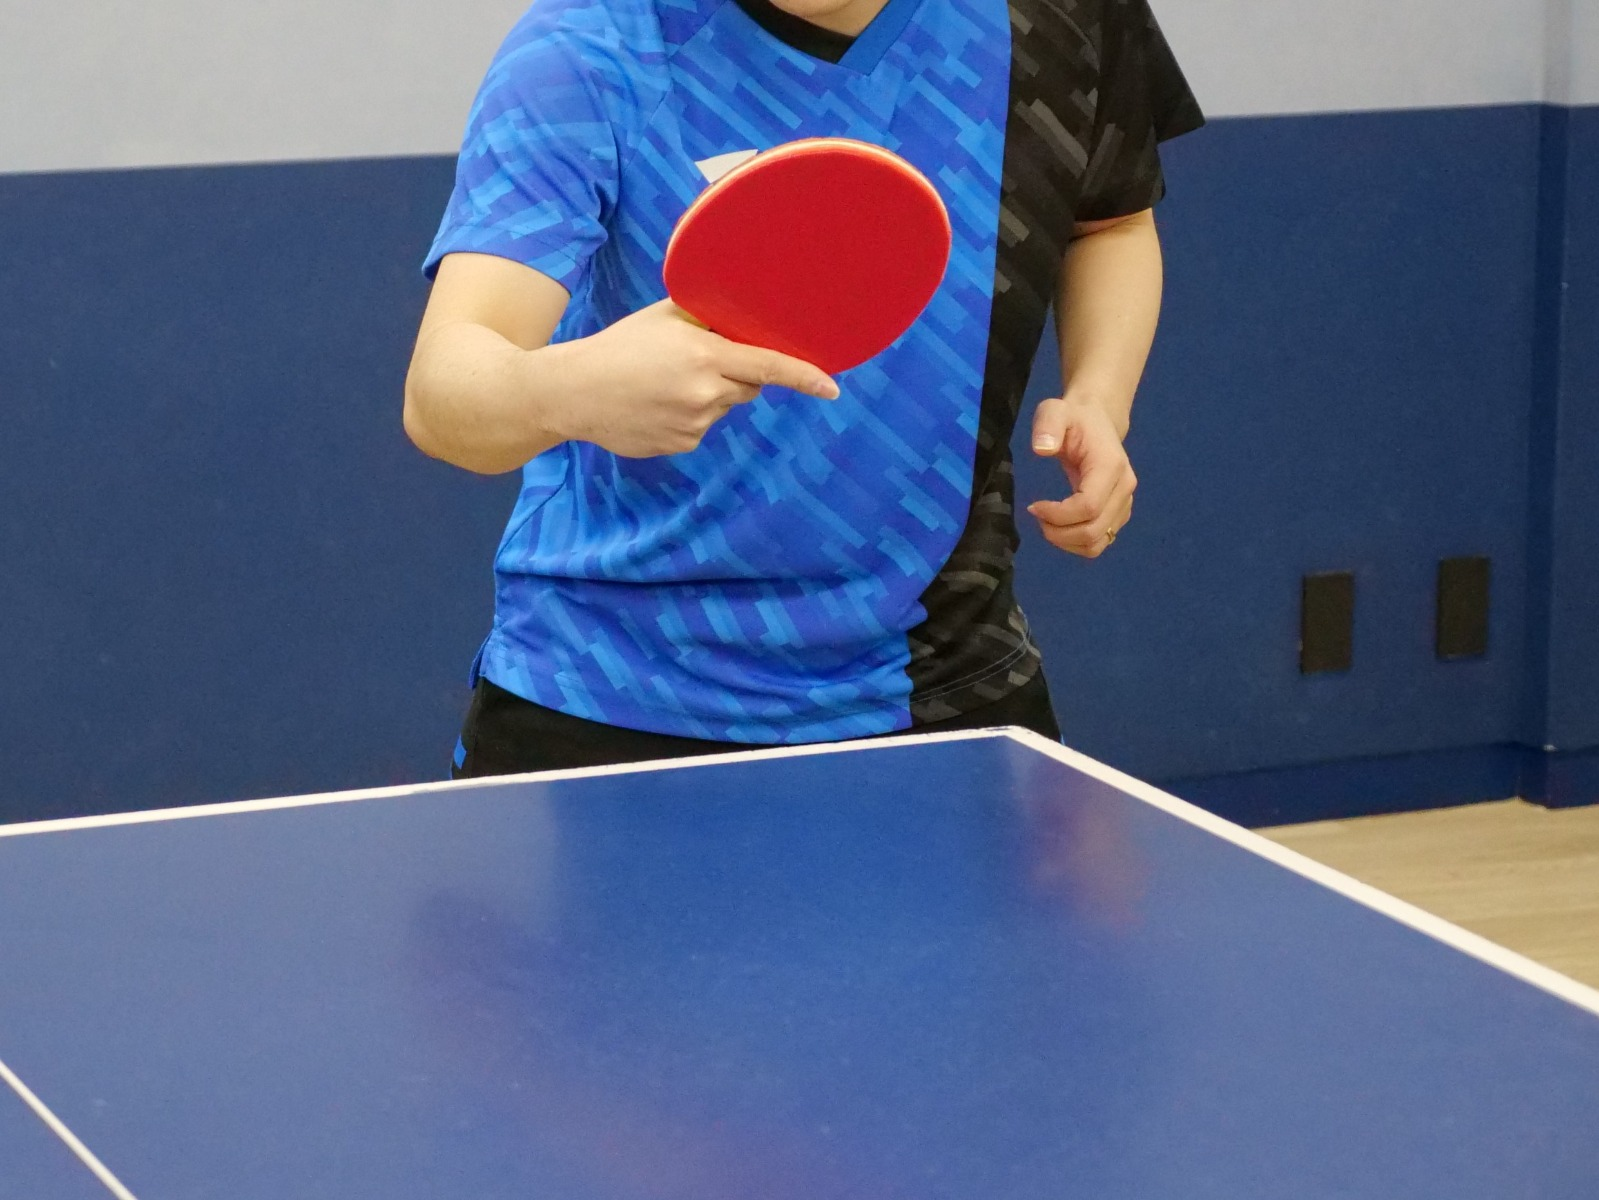 卓球 バックハンド 練習 基本技術 上達情報 卓球総研